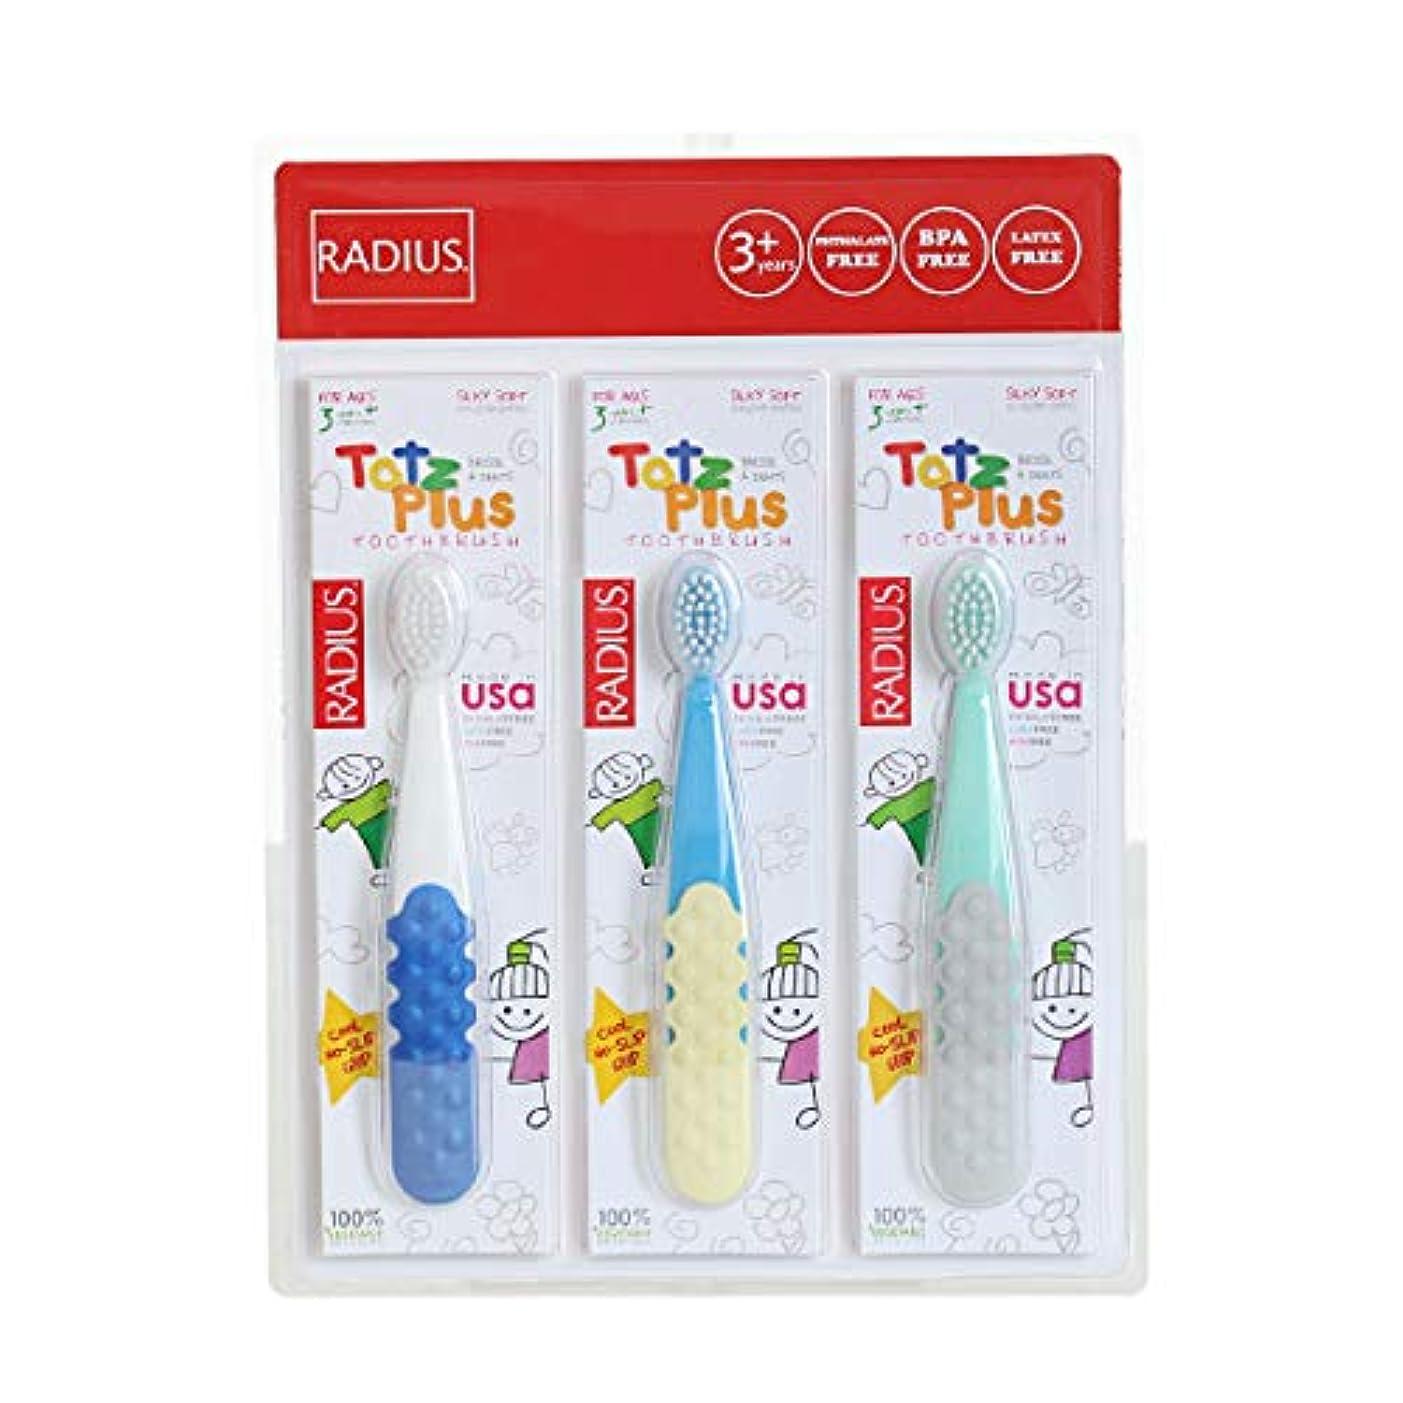 追加会議スロベニアラディウス Totz Plus Toothbrush 歯ブラシ, 3年+ シルキーソフト, 100% 野菜剛毛 3パック [並行輸入品]